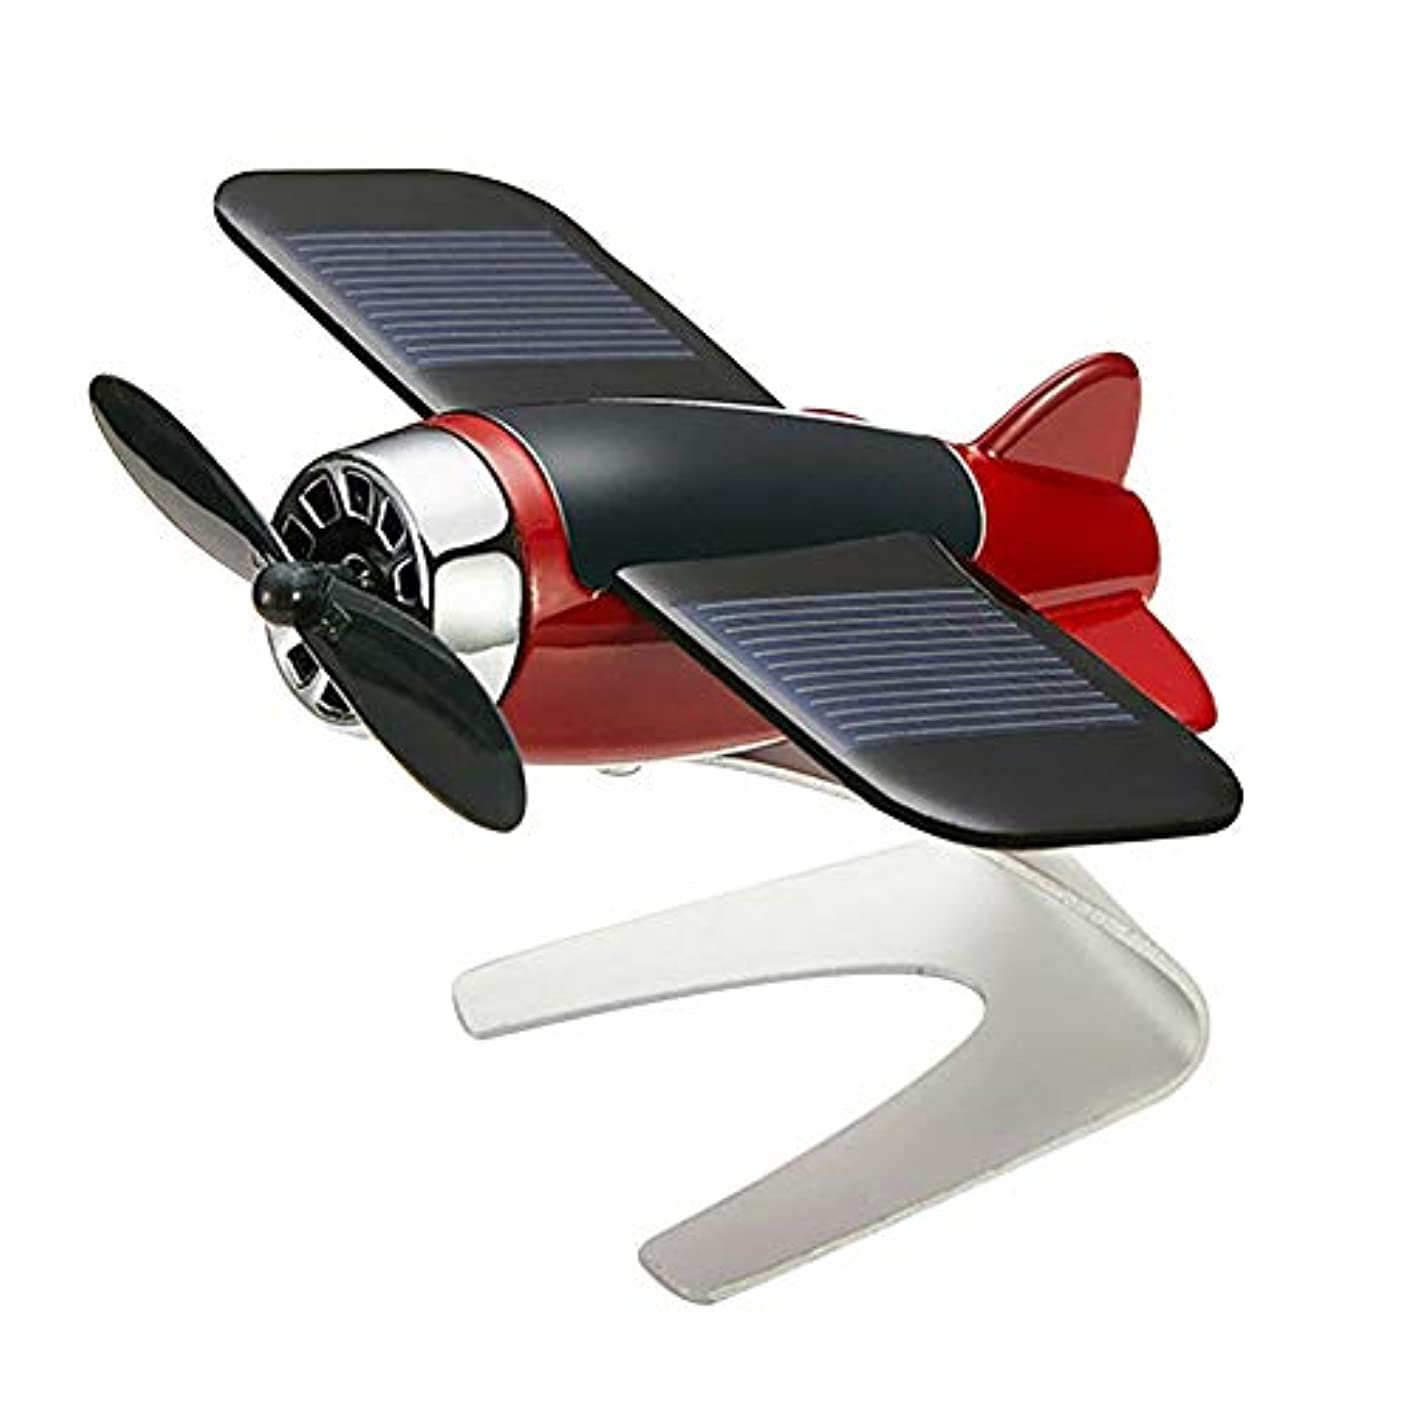 条件付きチャーターヘルメットSymboat 車の芳香剤飛行機航空機モデル太陽エネルギーアロマテラピー室内装飾